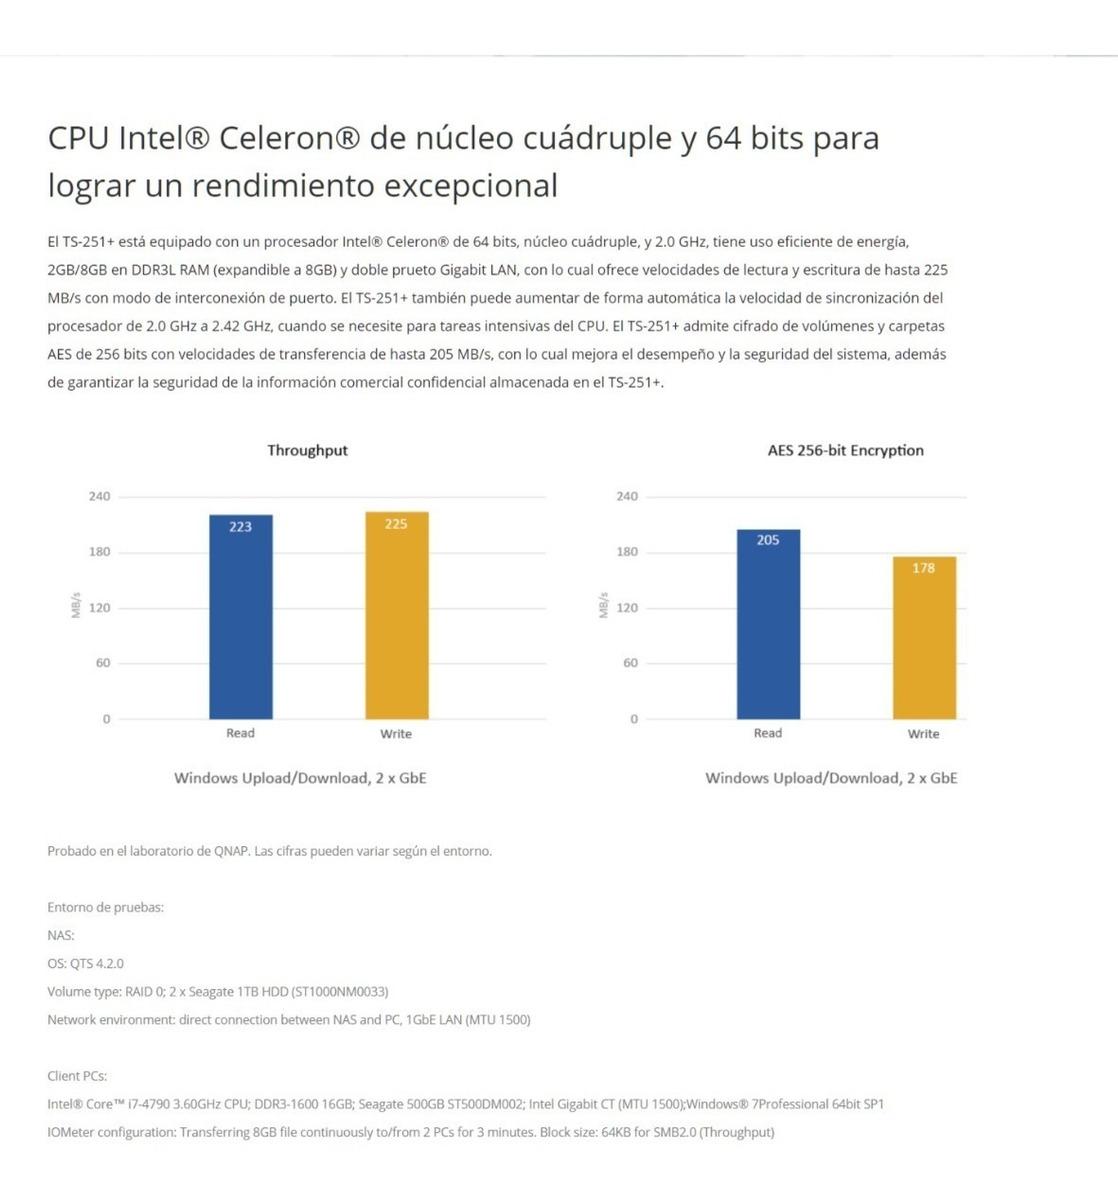 Nas Storage 2 Bahias Qnap Ts251+ 4gb Red Intel Hdmi Plex Hd